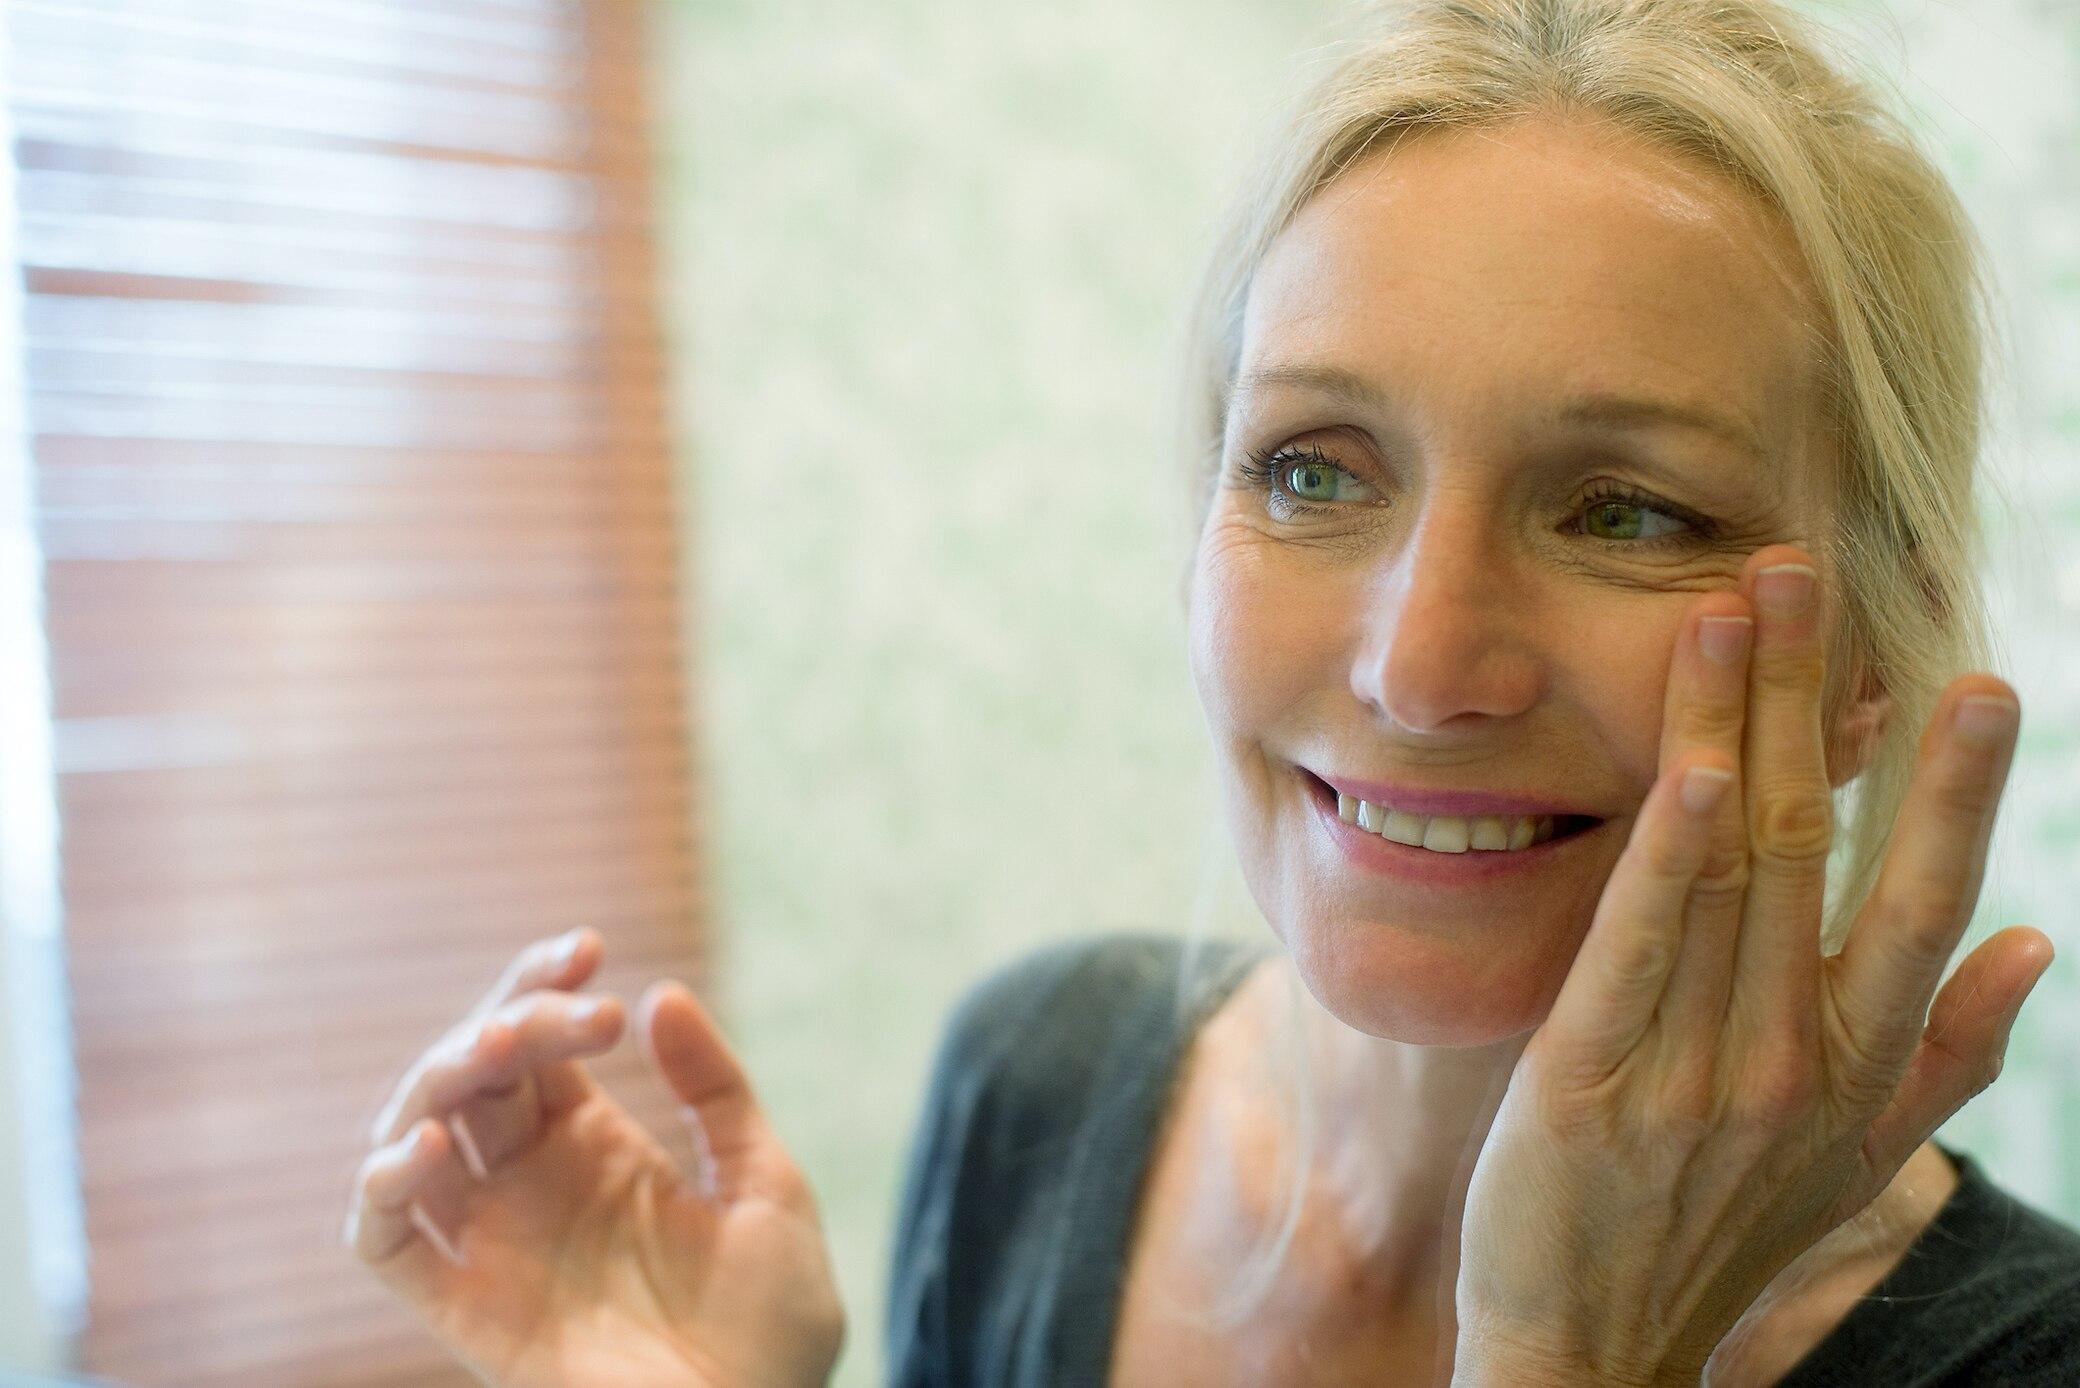 Nachgefragt-bei-Experten-F-ltchen-um-die-Augen-Ursachen-und-Behandlung